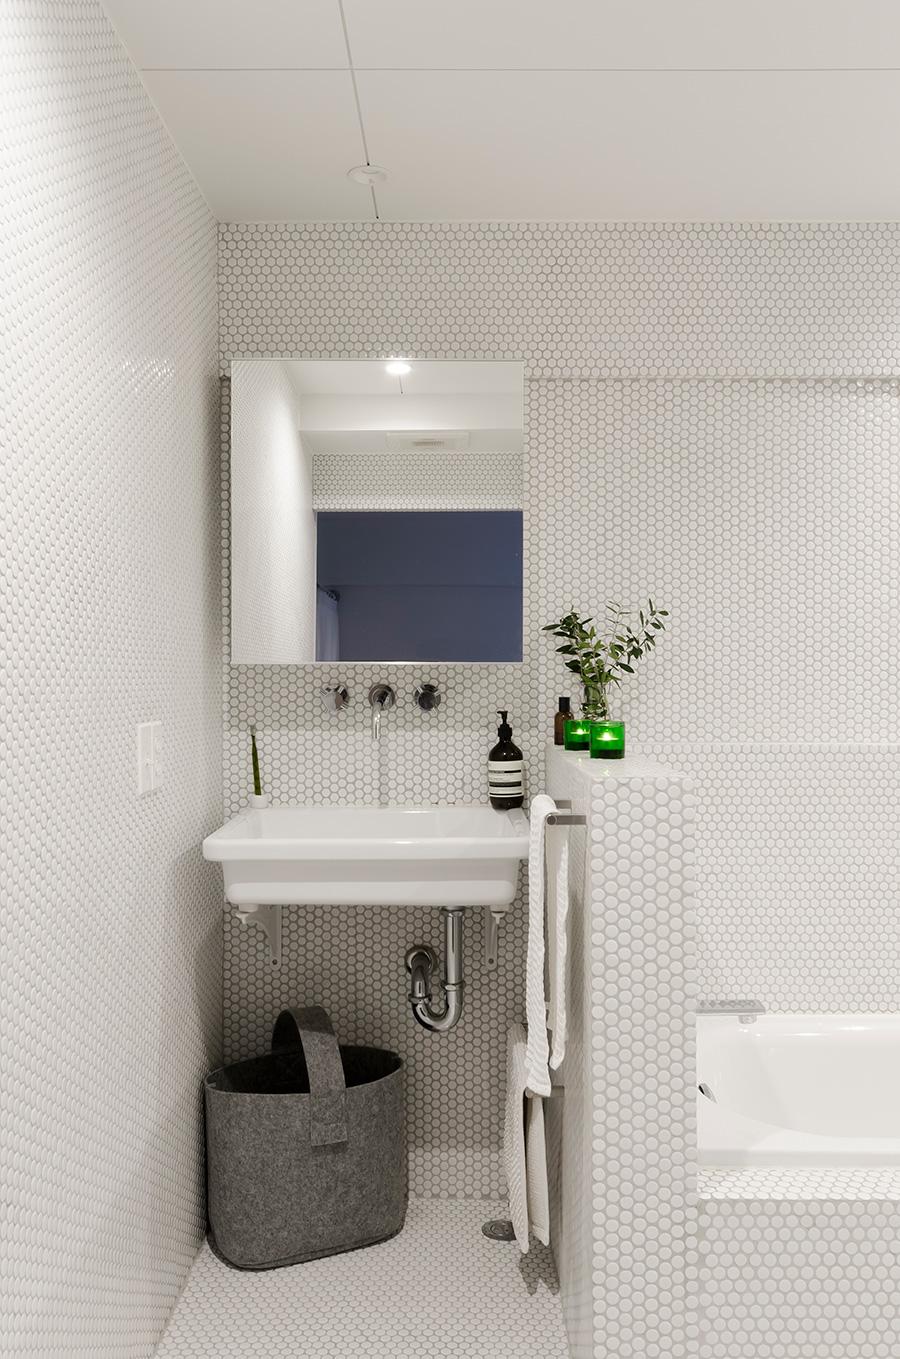 バスルームの壁面は白い丸タイルを使用。